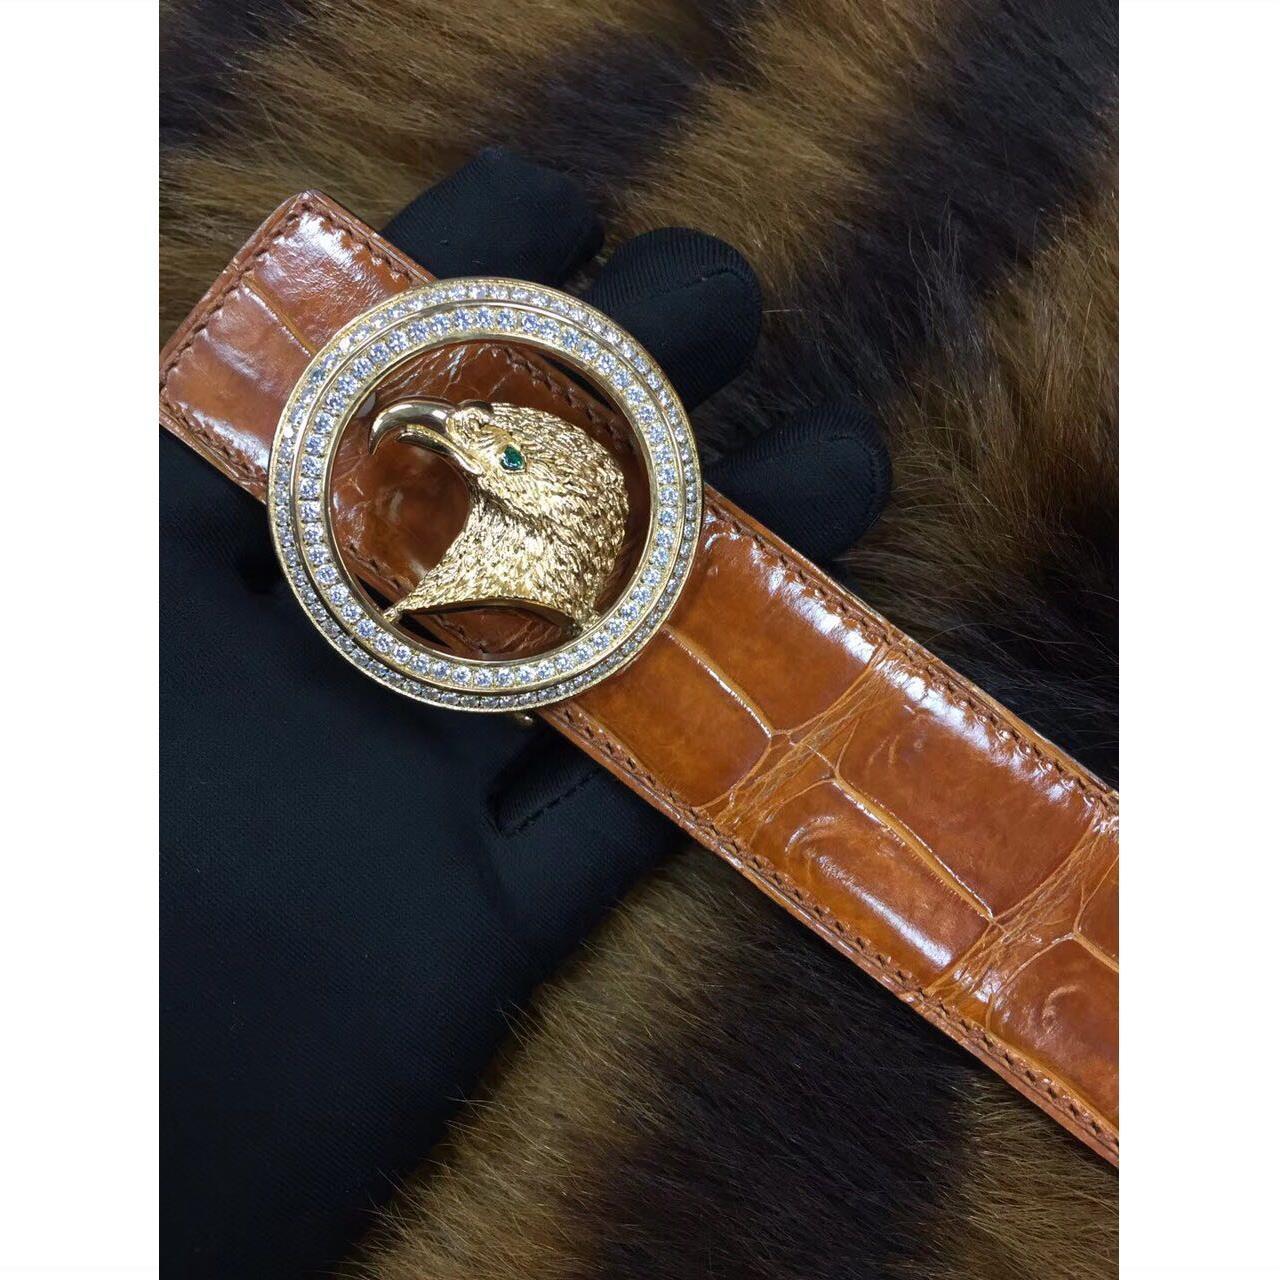 新加坡尼罗鳄高光肚皮不拼接竹节纹皮带腰带3.5宽 送手工镶钻扣